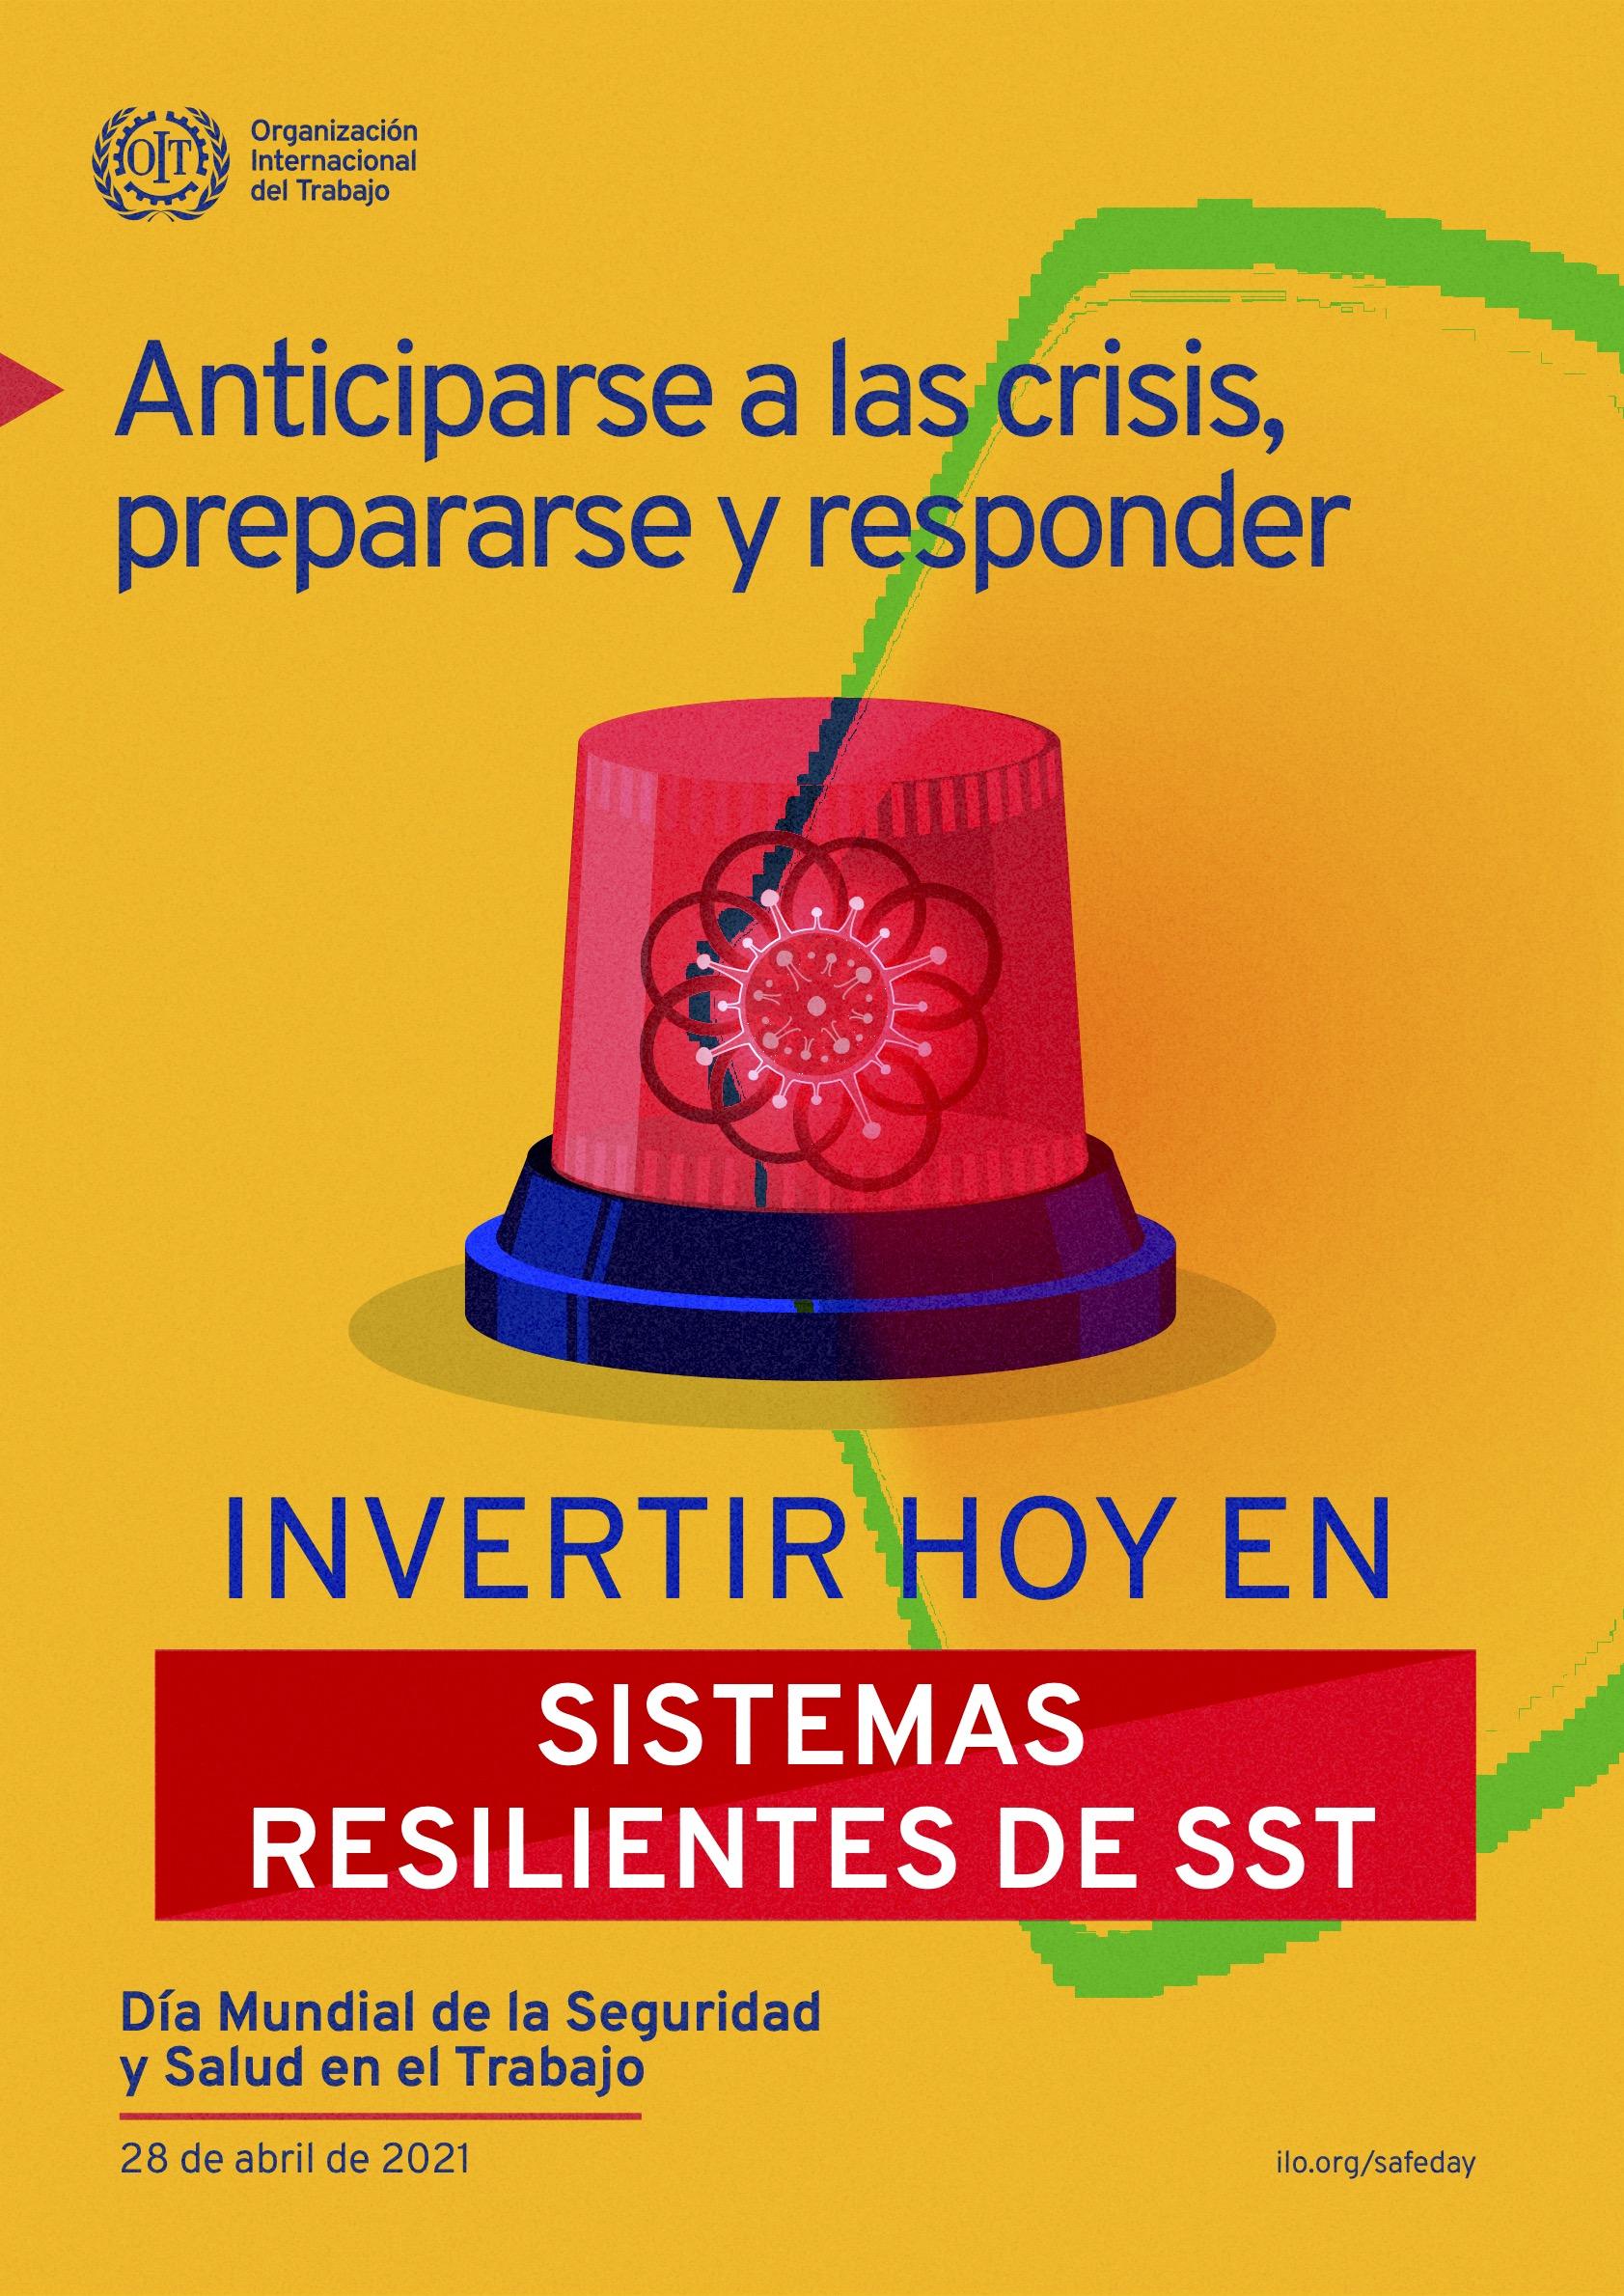 Día Mundial de la Seguridad y Salud en el Trabajo 2021 – OIT.